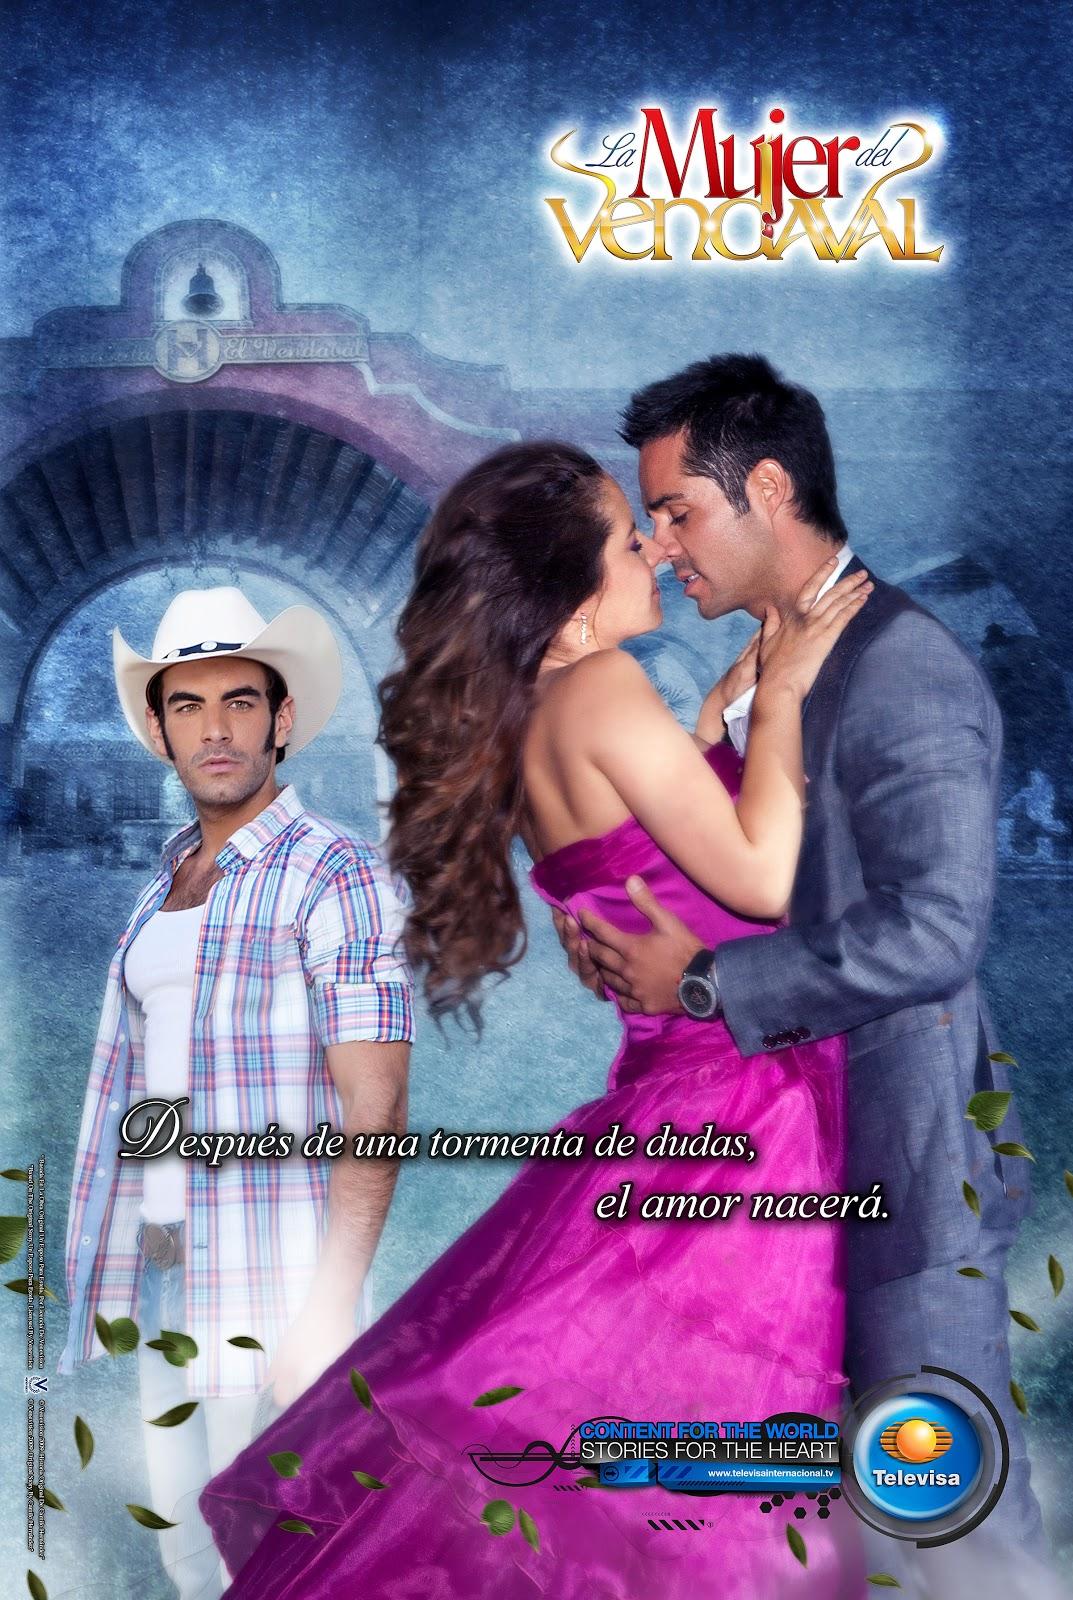 http://3.bp.blogspot.com/-VlTcwwkmBCo/UKwFyaO9ouI/AAAAAAAAHtc/G7M0MjnFa_Y/s1600/La+mujer+del+vendaval+poster+(6).jpg